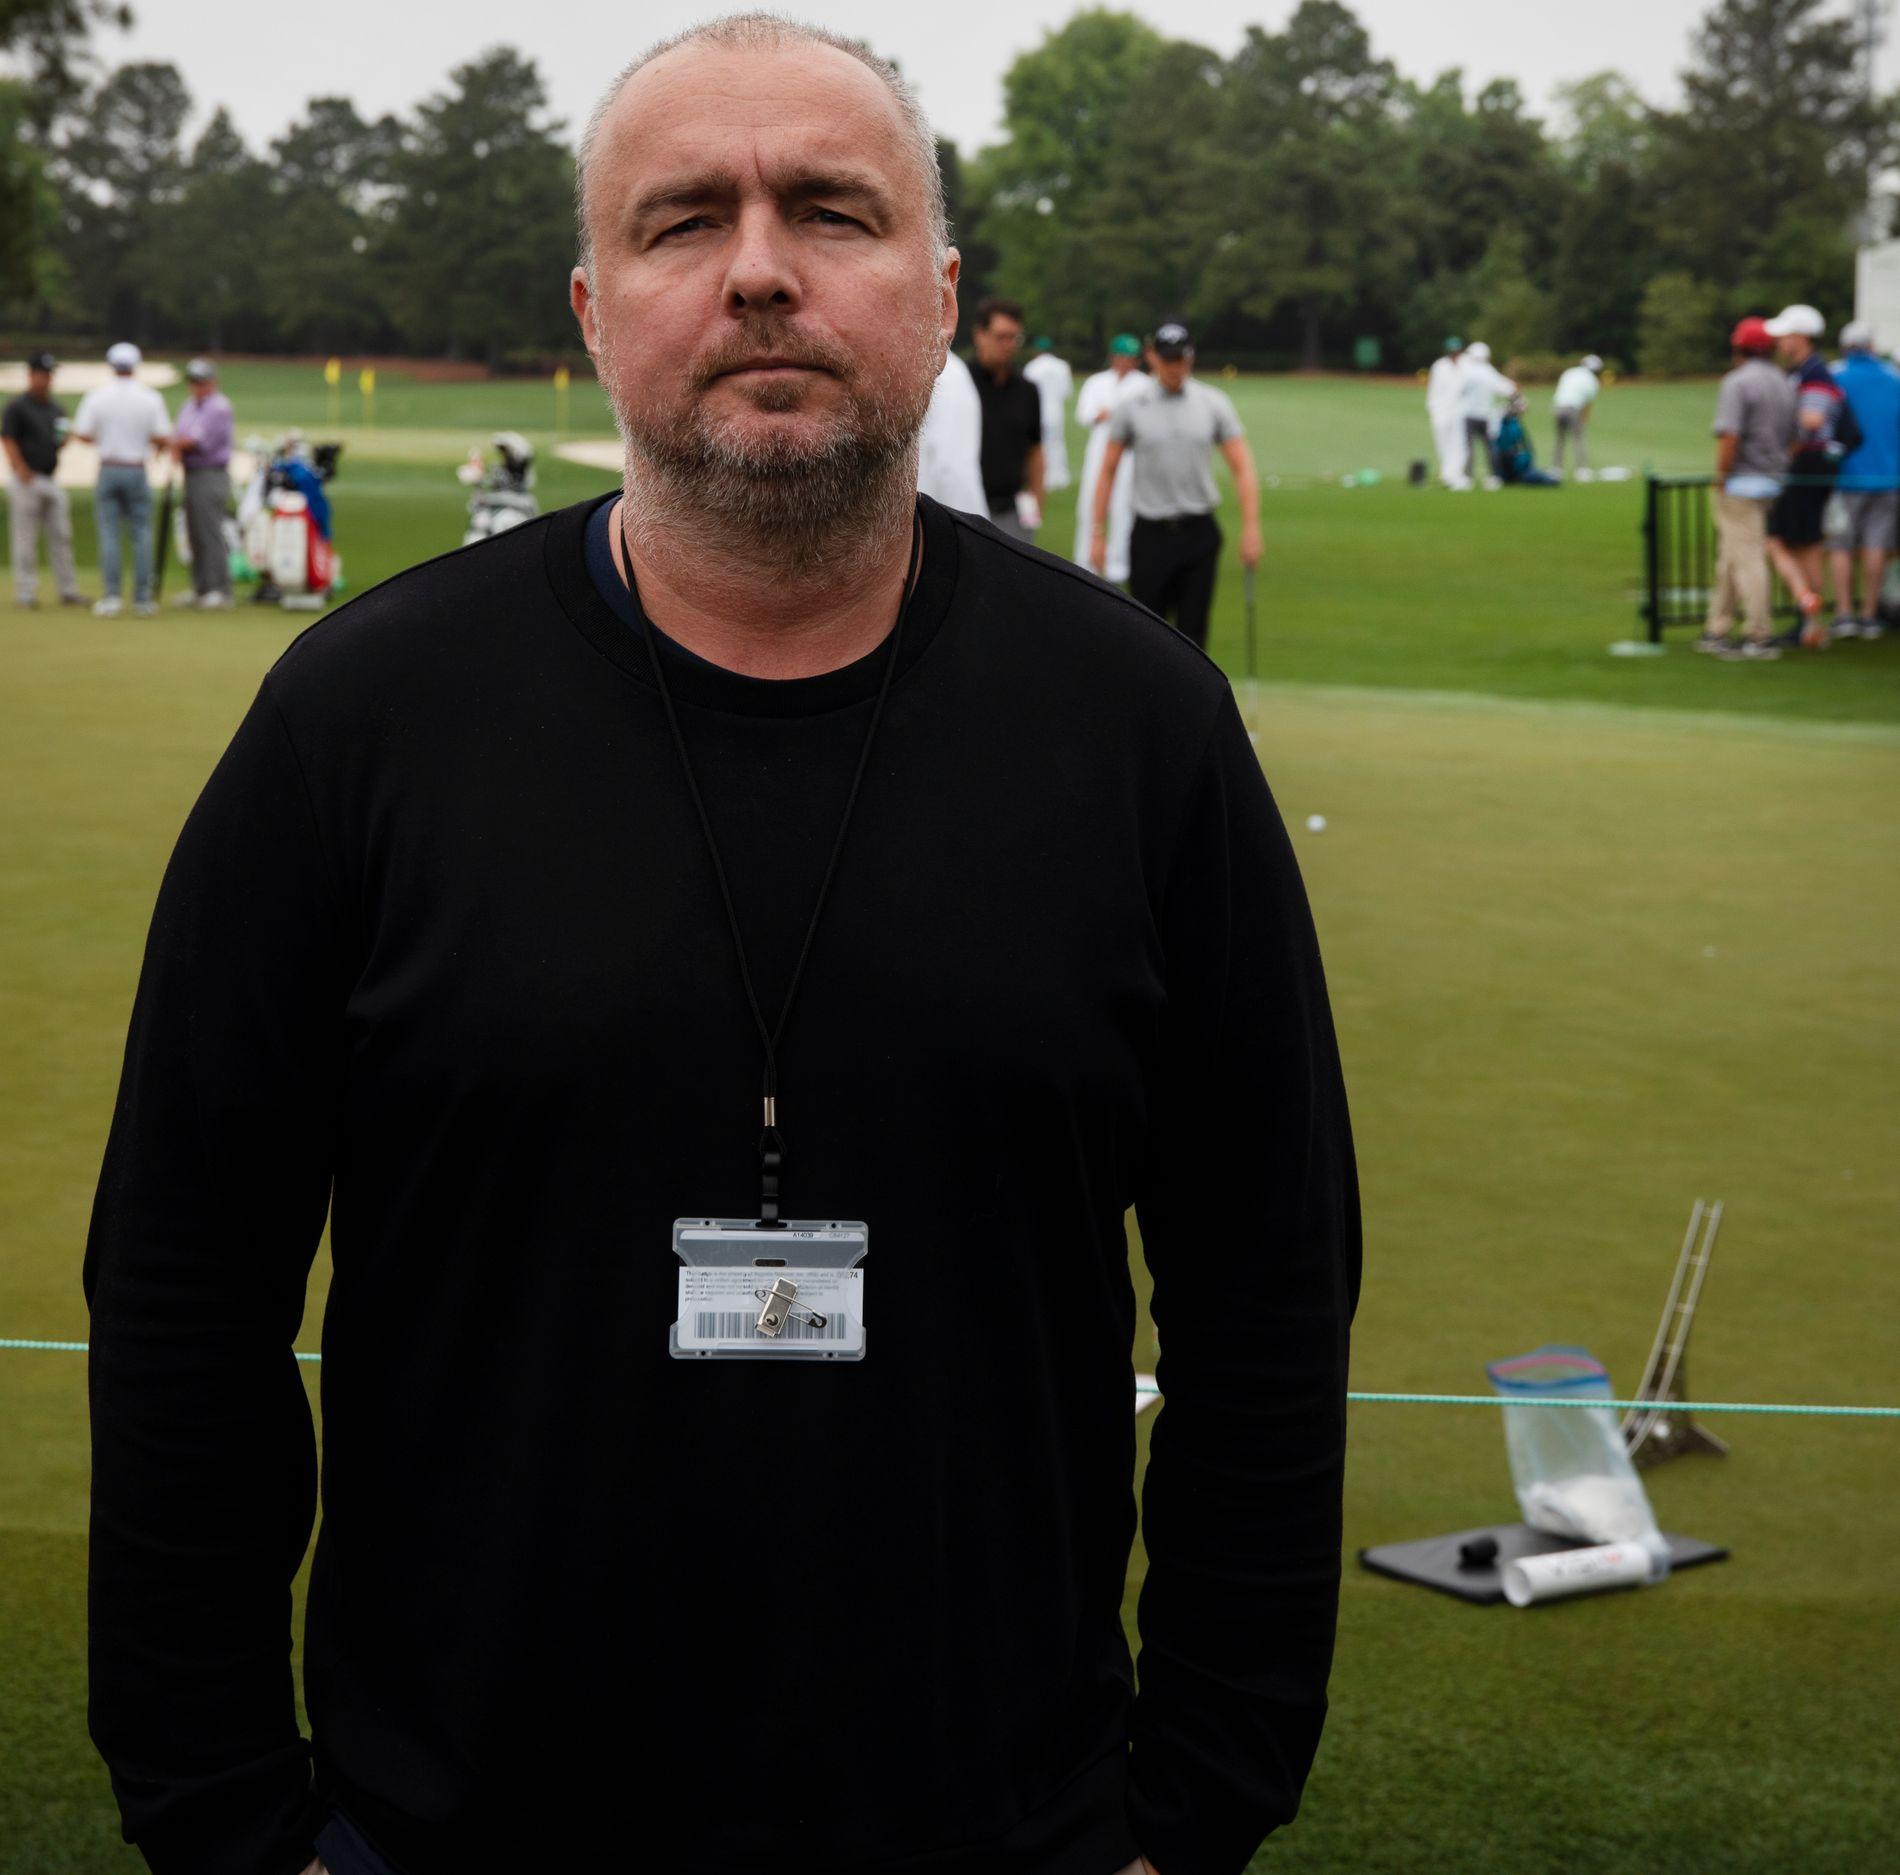 VG PÅ AUGUSTA: USA-korrespondent Robert Simsø er på Augusta National denne uka.